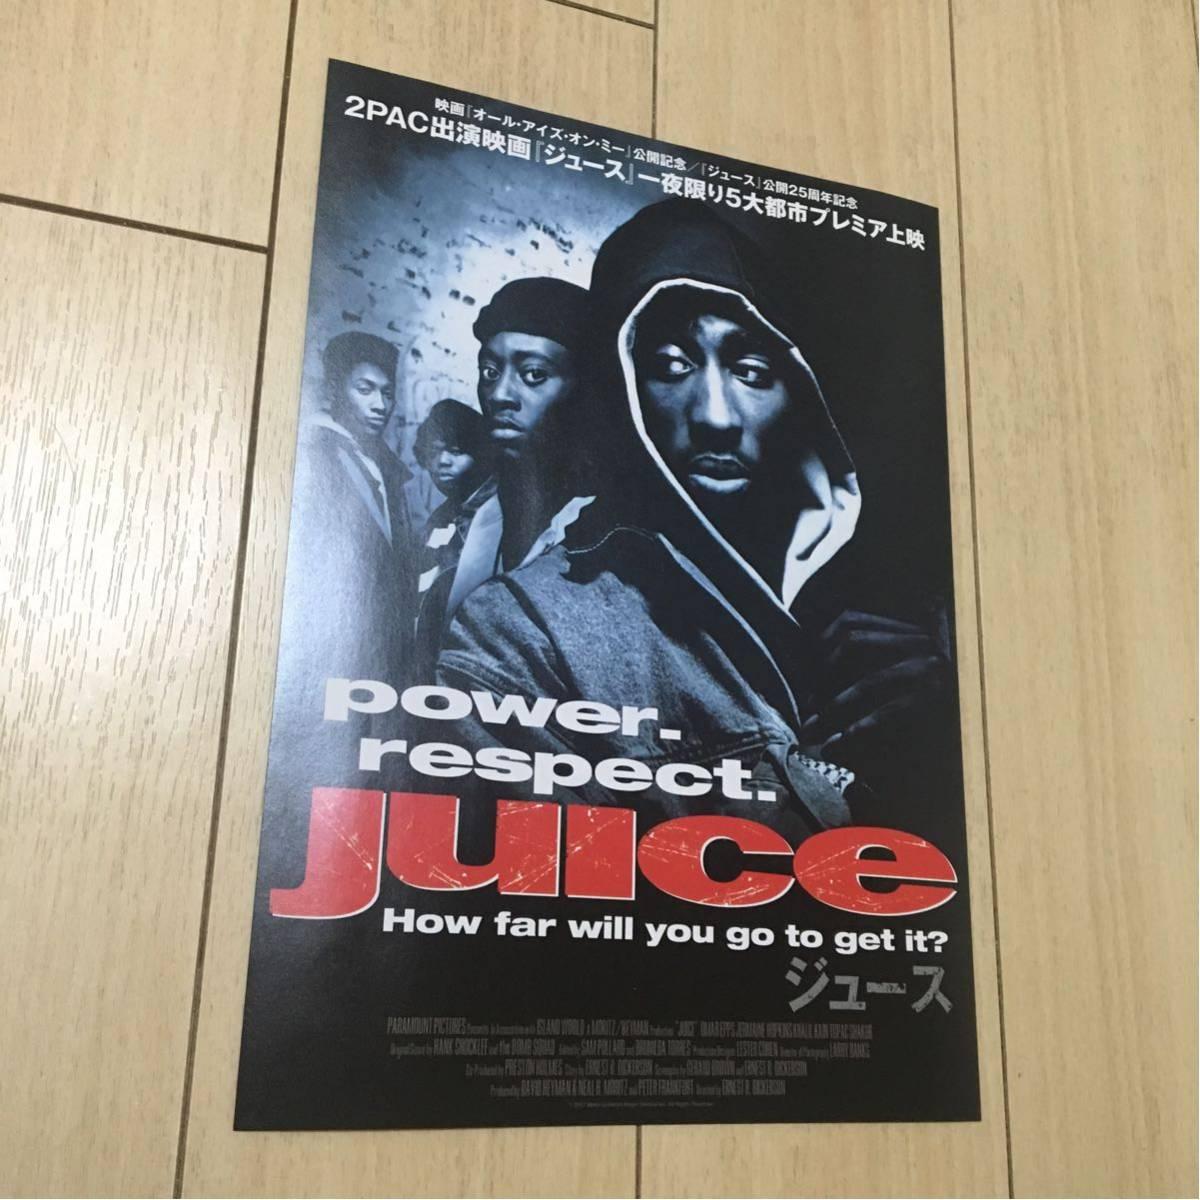 映画 ジュース juice 2pac 告知 チラシ ヒップホップ hip hop 一夜限り プレミア上映 宣伝